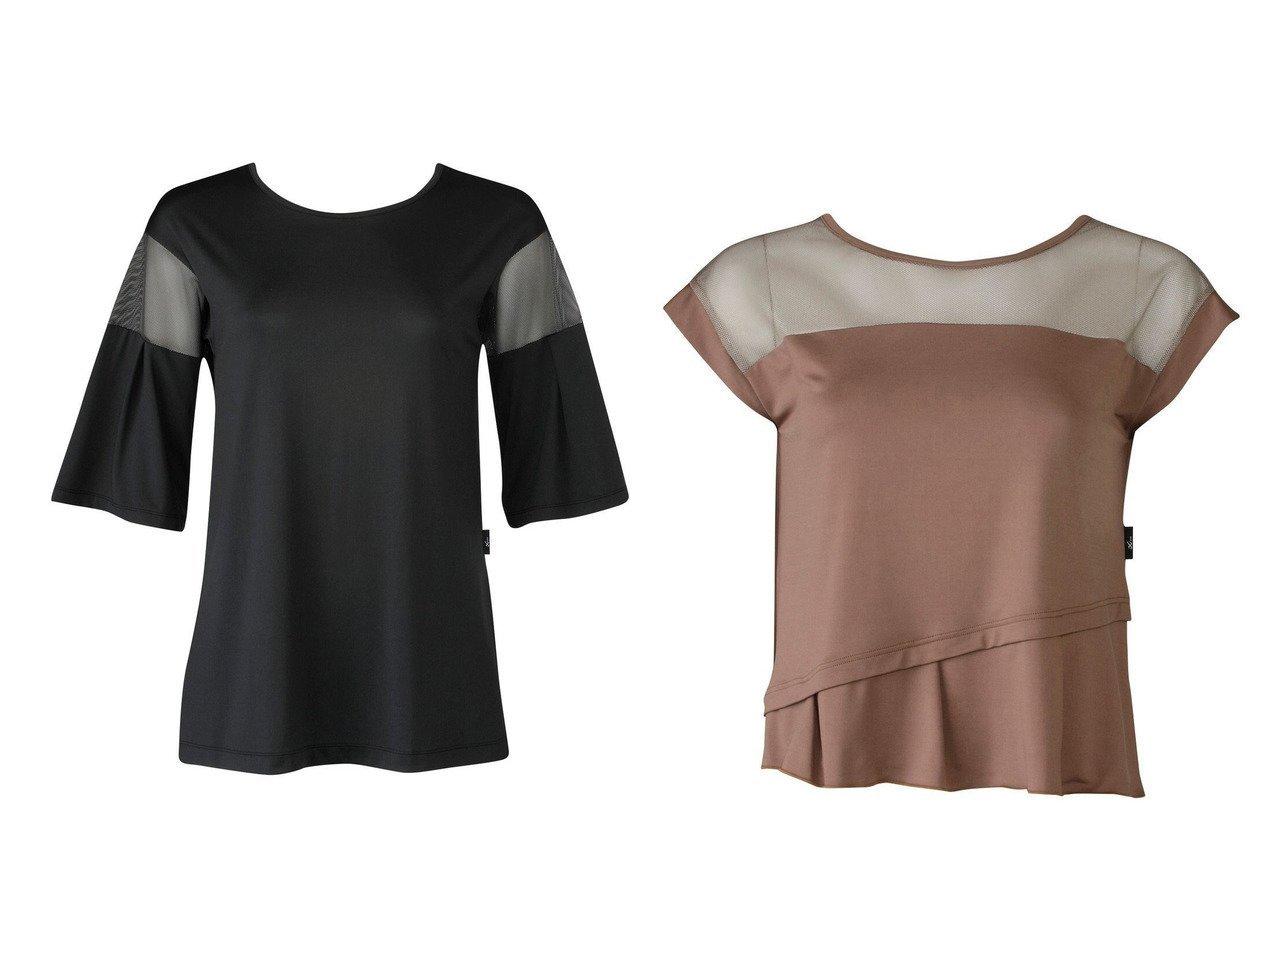 【CW-X/シーダブリューエックス】の【WOMEN】YOGAアウター Tシャツ 7分袖ワコール&【WOMEN】YOGAアウター Tシャツ 半袖ワコール スポーツウェア・ヨガ・運動・ダイエットグッズなどのおすすめ!人気トレンド・ファッション通販 おすすめで人気の流行・トレンド、ファッションの通販商品 インテリア・家具・メンズファッション・キッズファッション・レディースファッション・服の通販 founy(ファニー) https://founy.com/ ファッション Fashion レディースファッション WOMEN アウター Coat Outerwear トップス・カットソー Tops/Tshirt シャツ/ブラウス Shirts/Blouses ロング / Tシャツ T-Shirts 送料無料 Free Shipping なめらか ストレッチ スリット トレンド メッシュ リボン ロング 切替 抗菌  ID:crp329100000041118